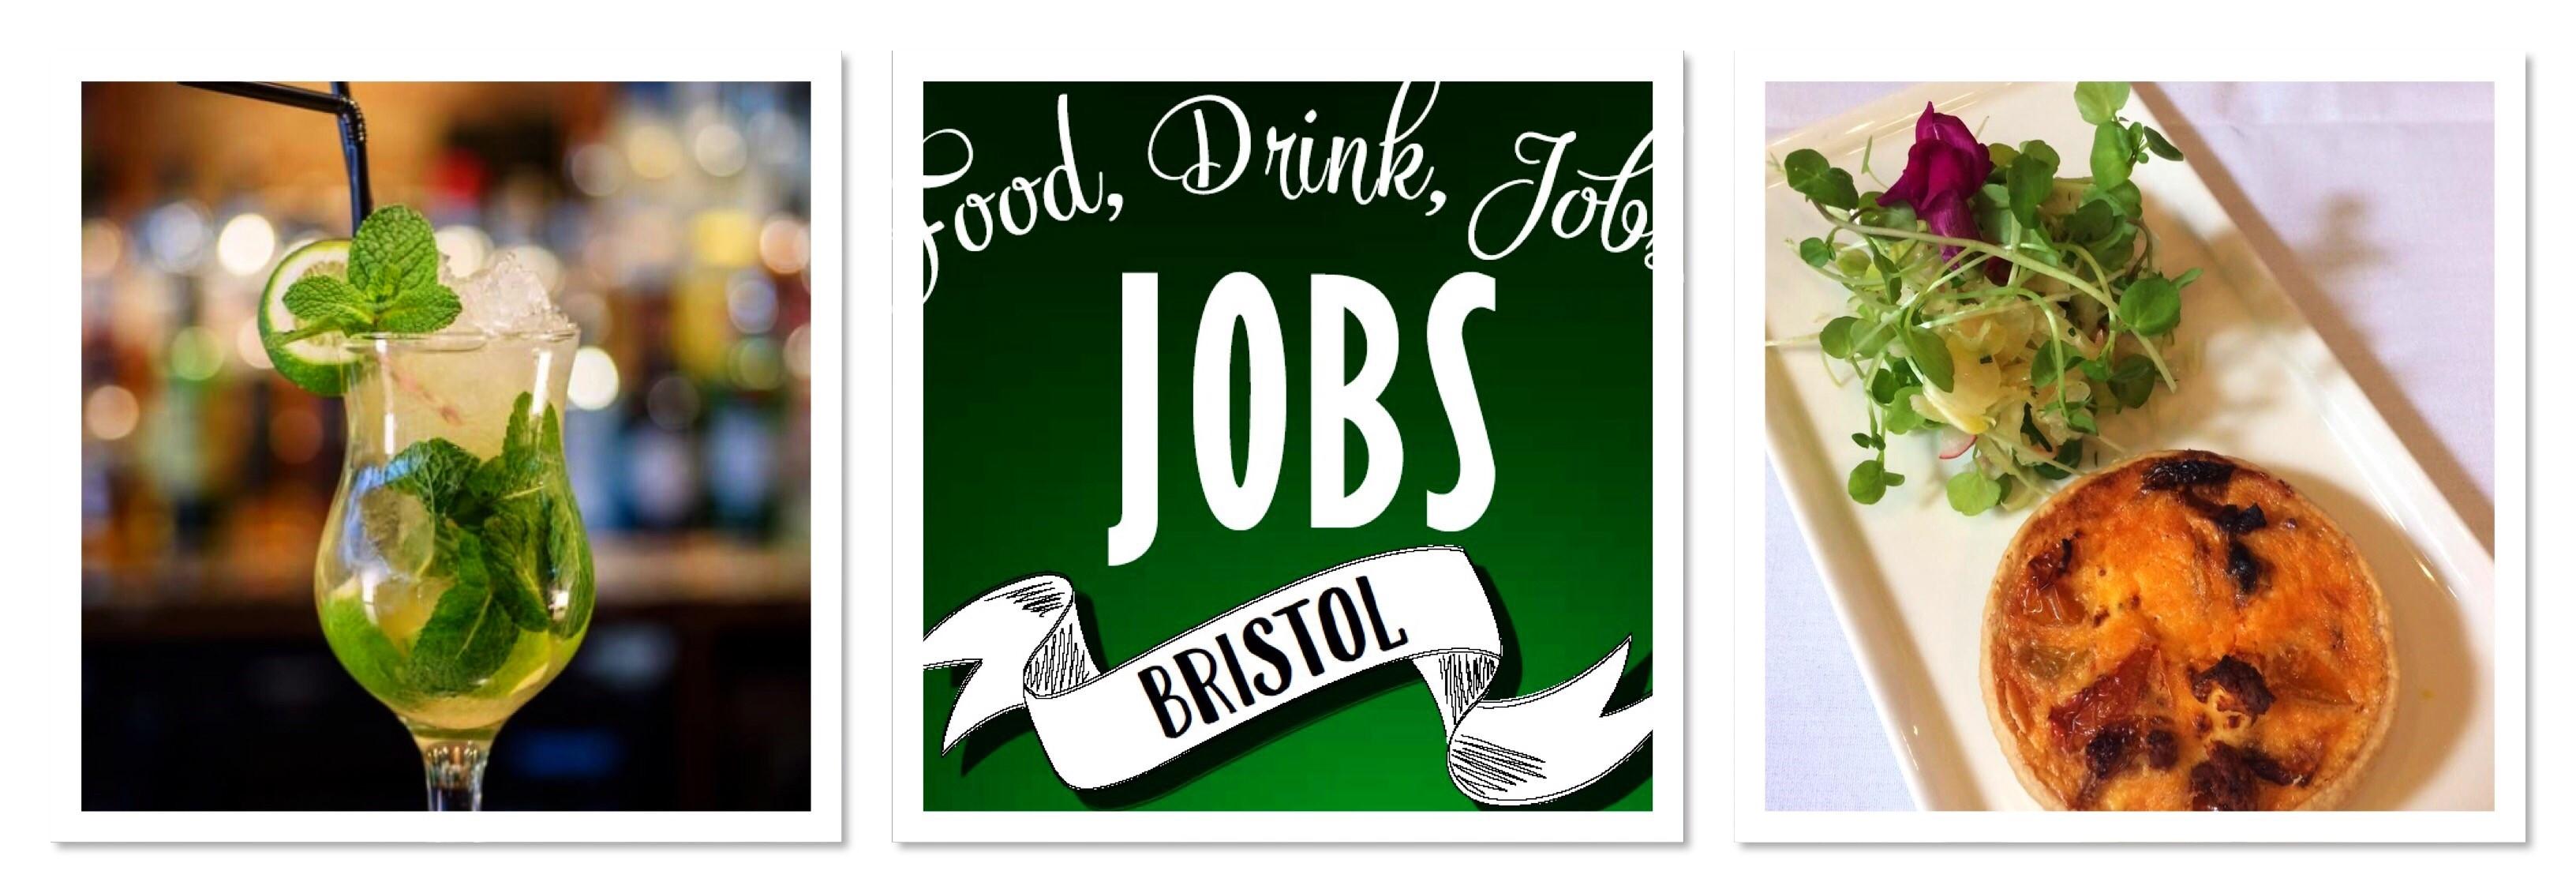 Food Drink Job logo